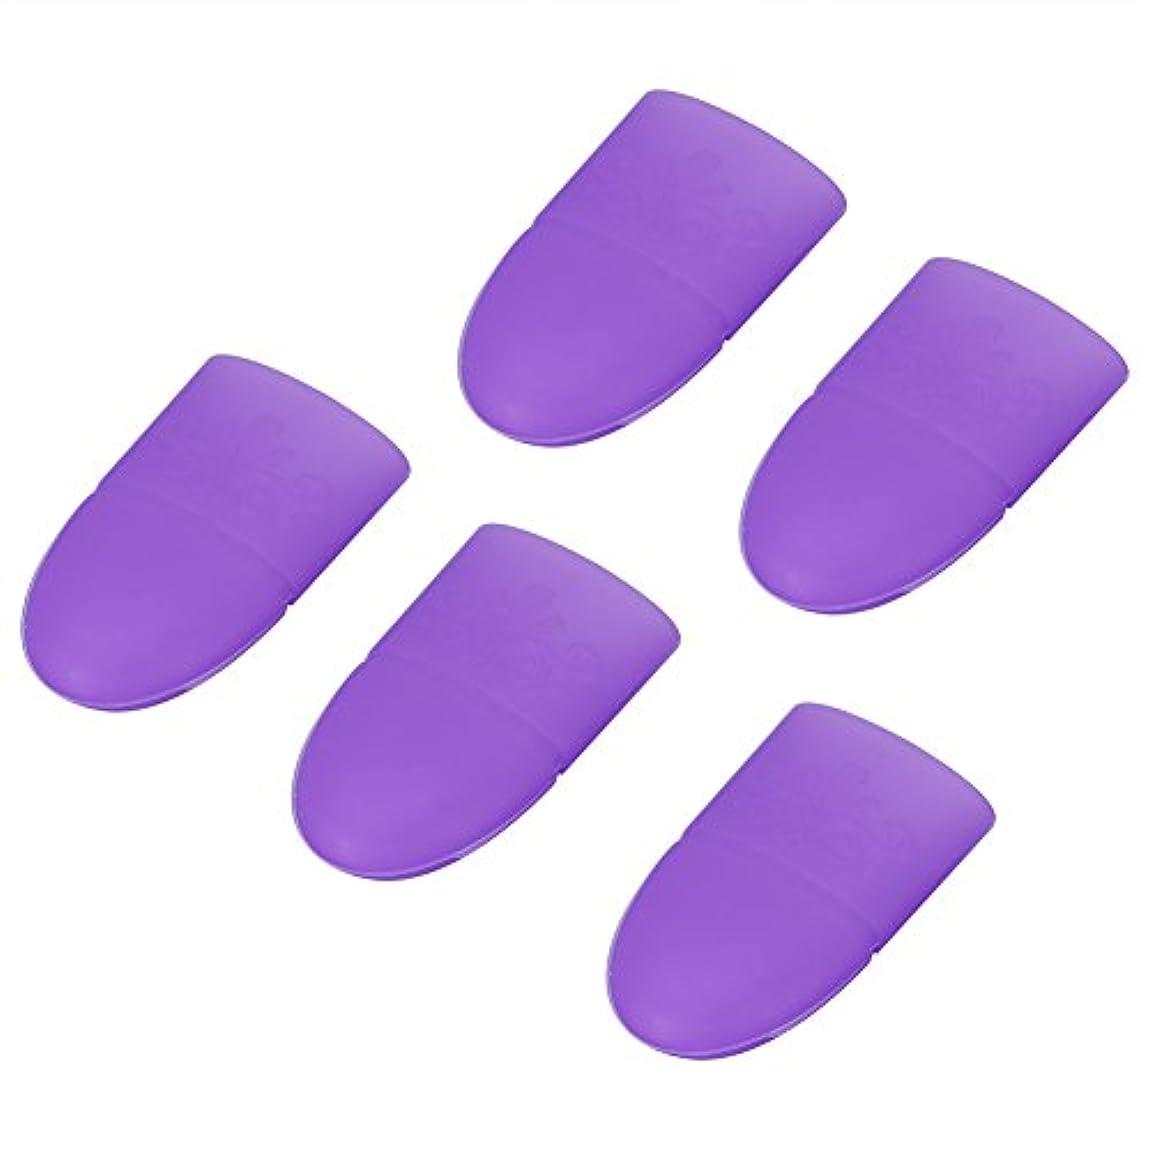 連隊ロータリー三ネイルジェルポリッシュキャップ、6色5個/セットネイルアートソークオフキャップジェルポリッシュリムーバーマニキュアソフトシリコン再利用クリップ(#3)